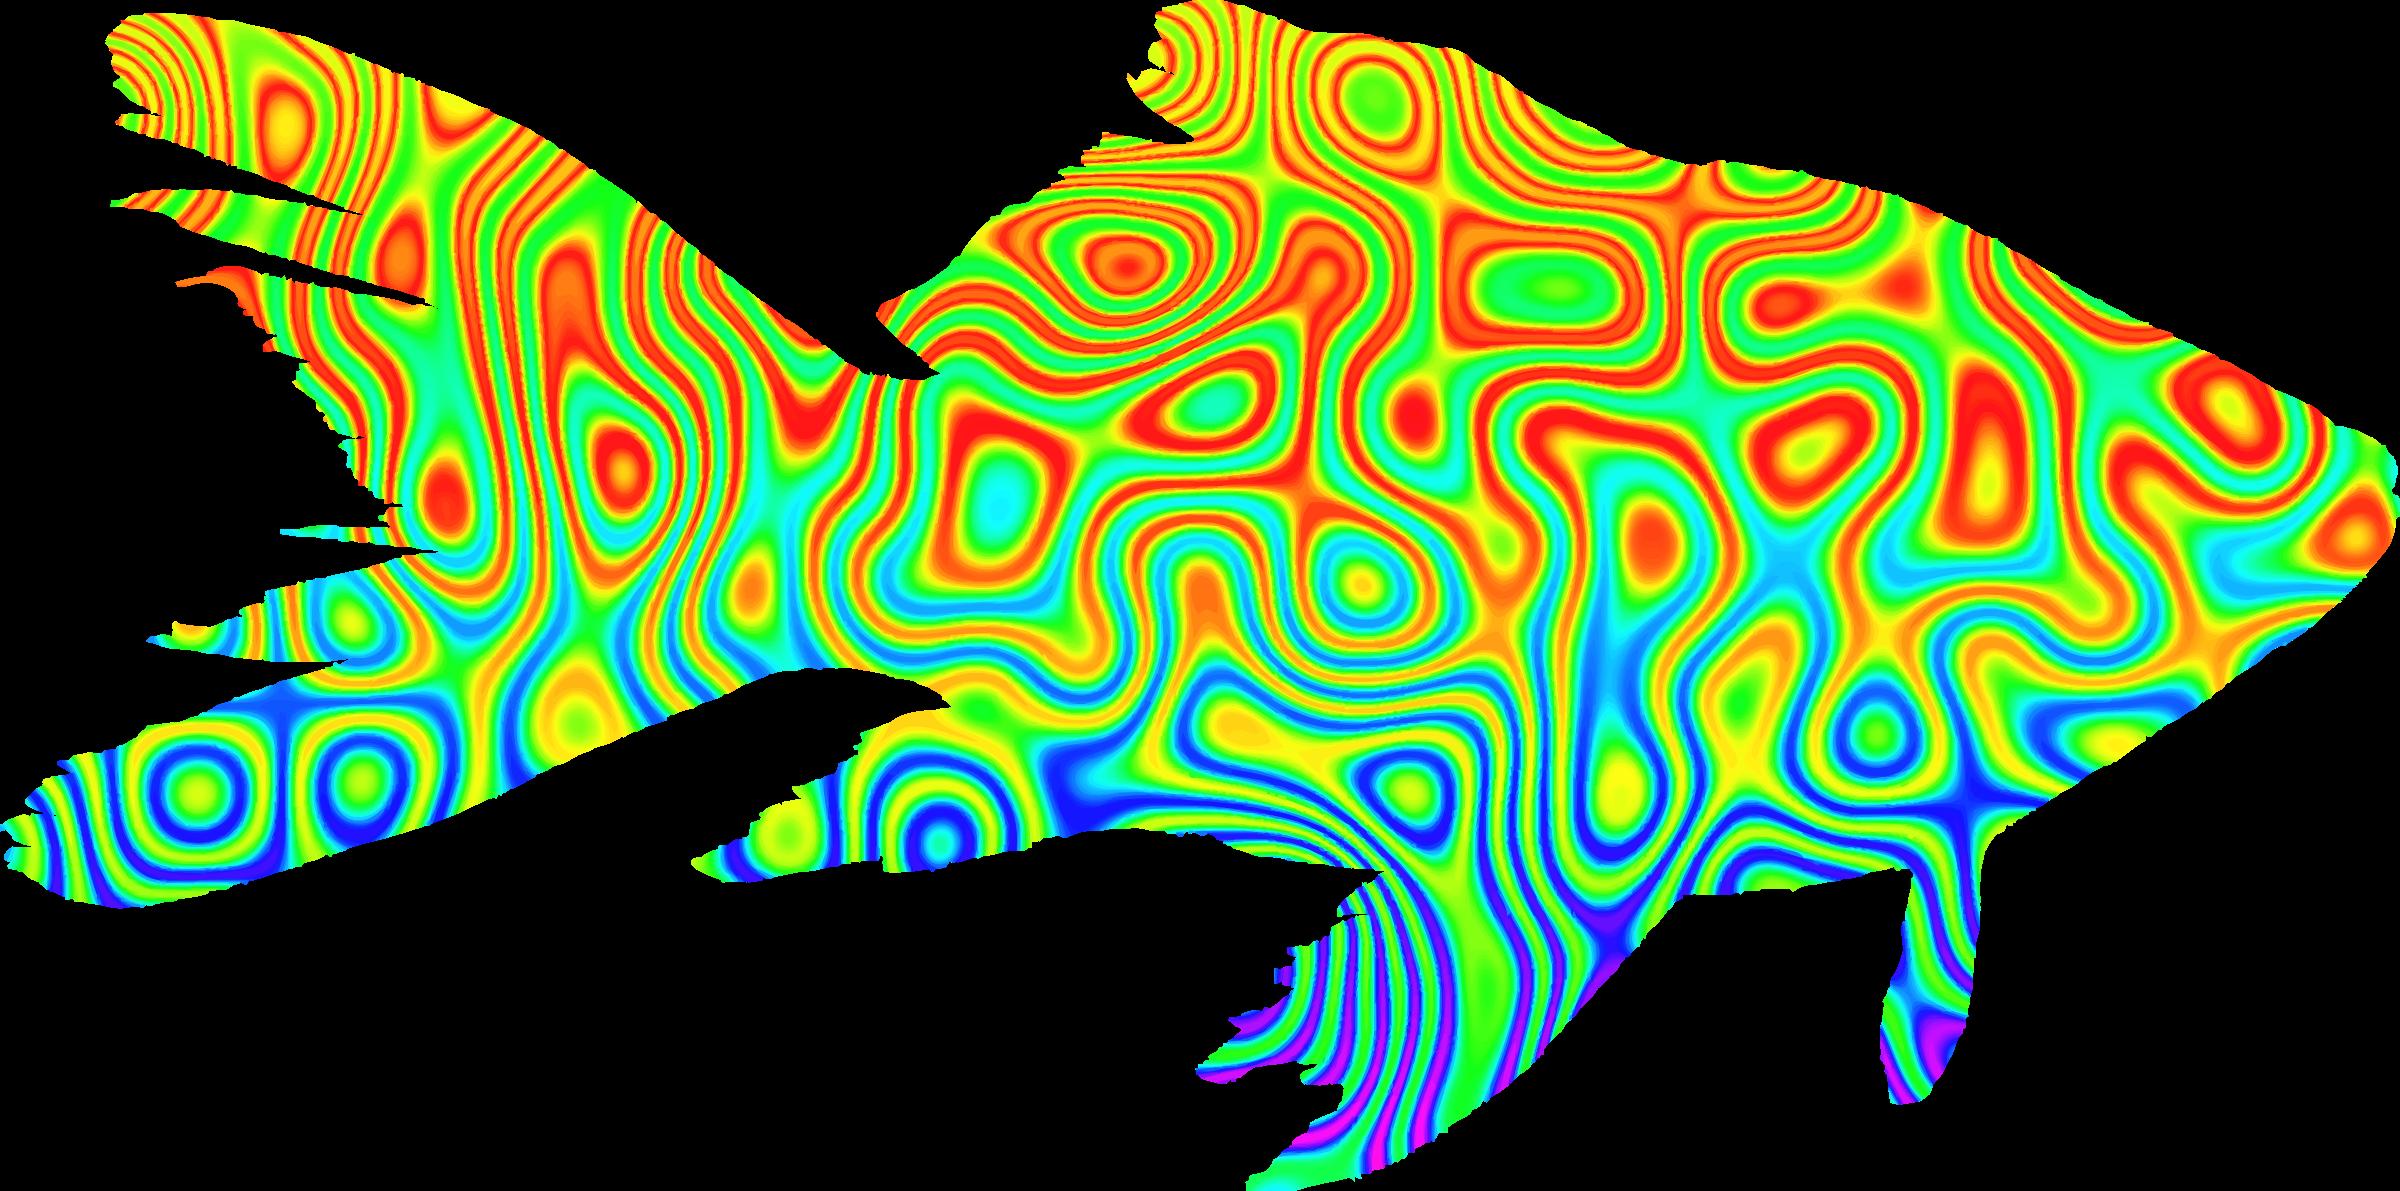 Physcedelic clipart transparent Clipart goldfish Psychedelic goldfish Psychedelic